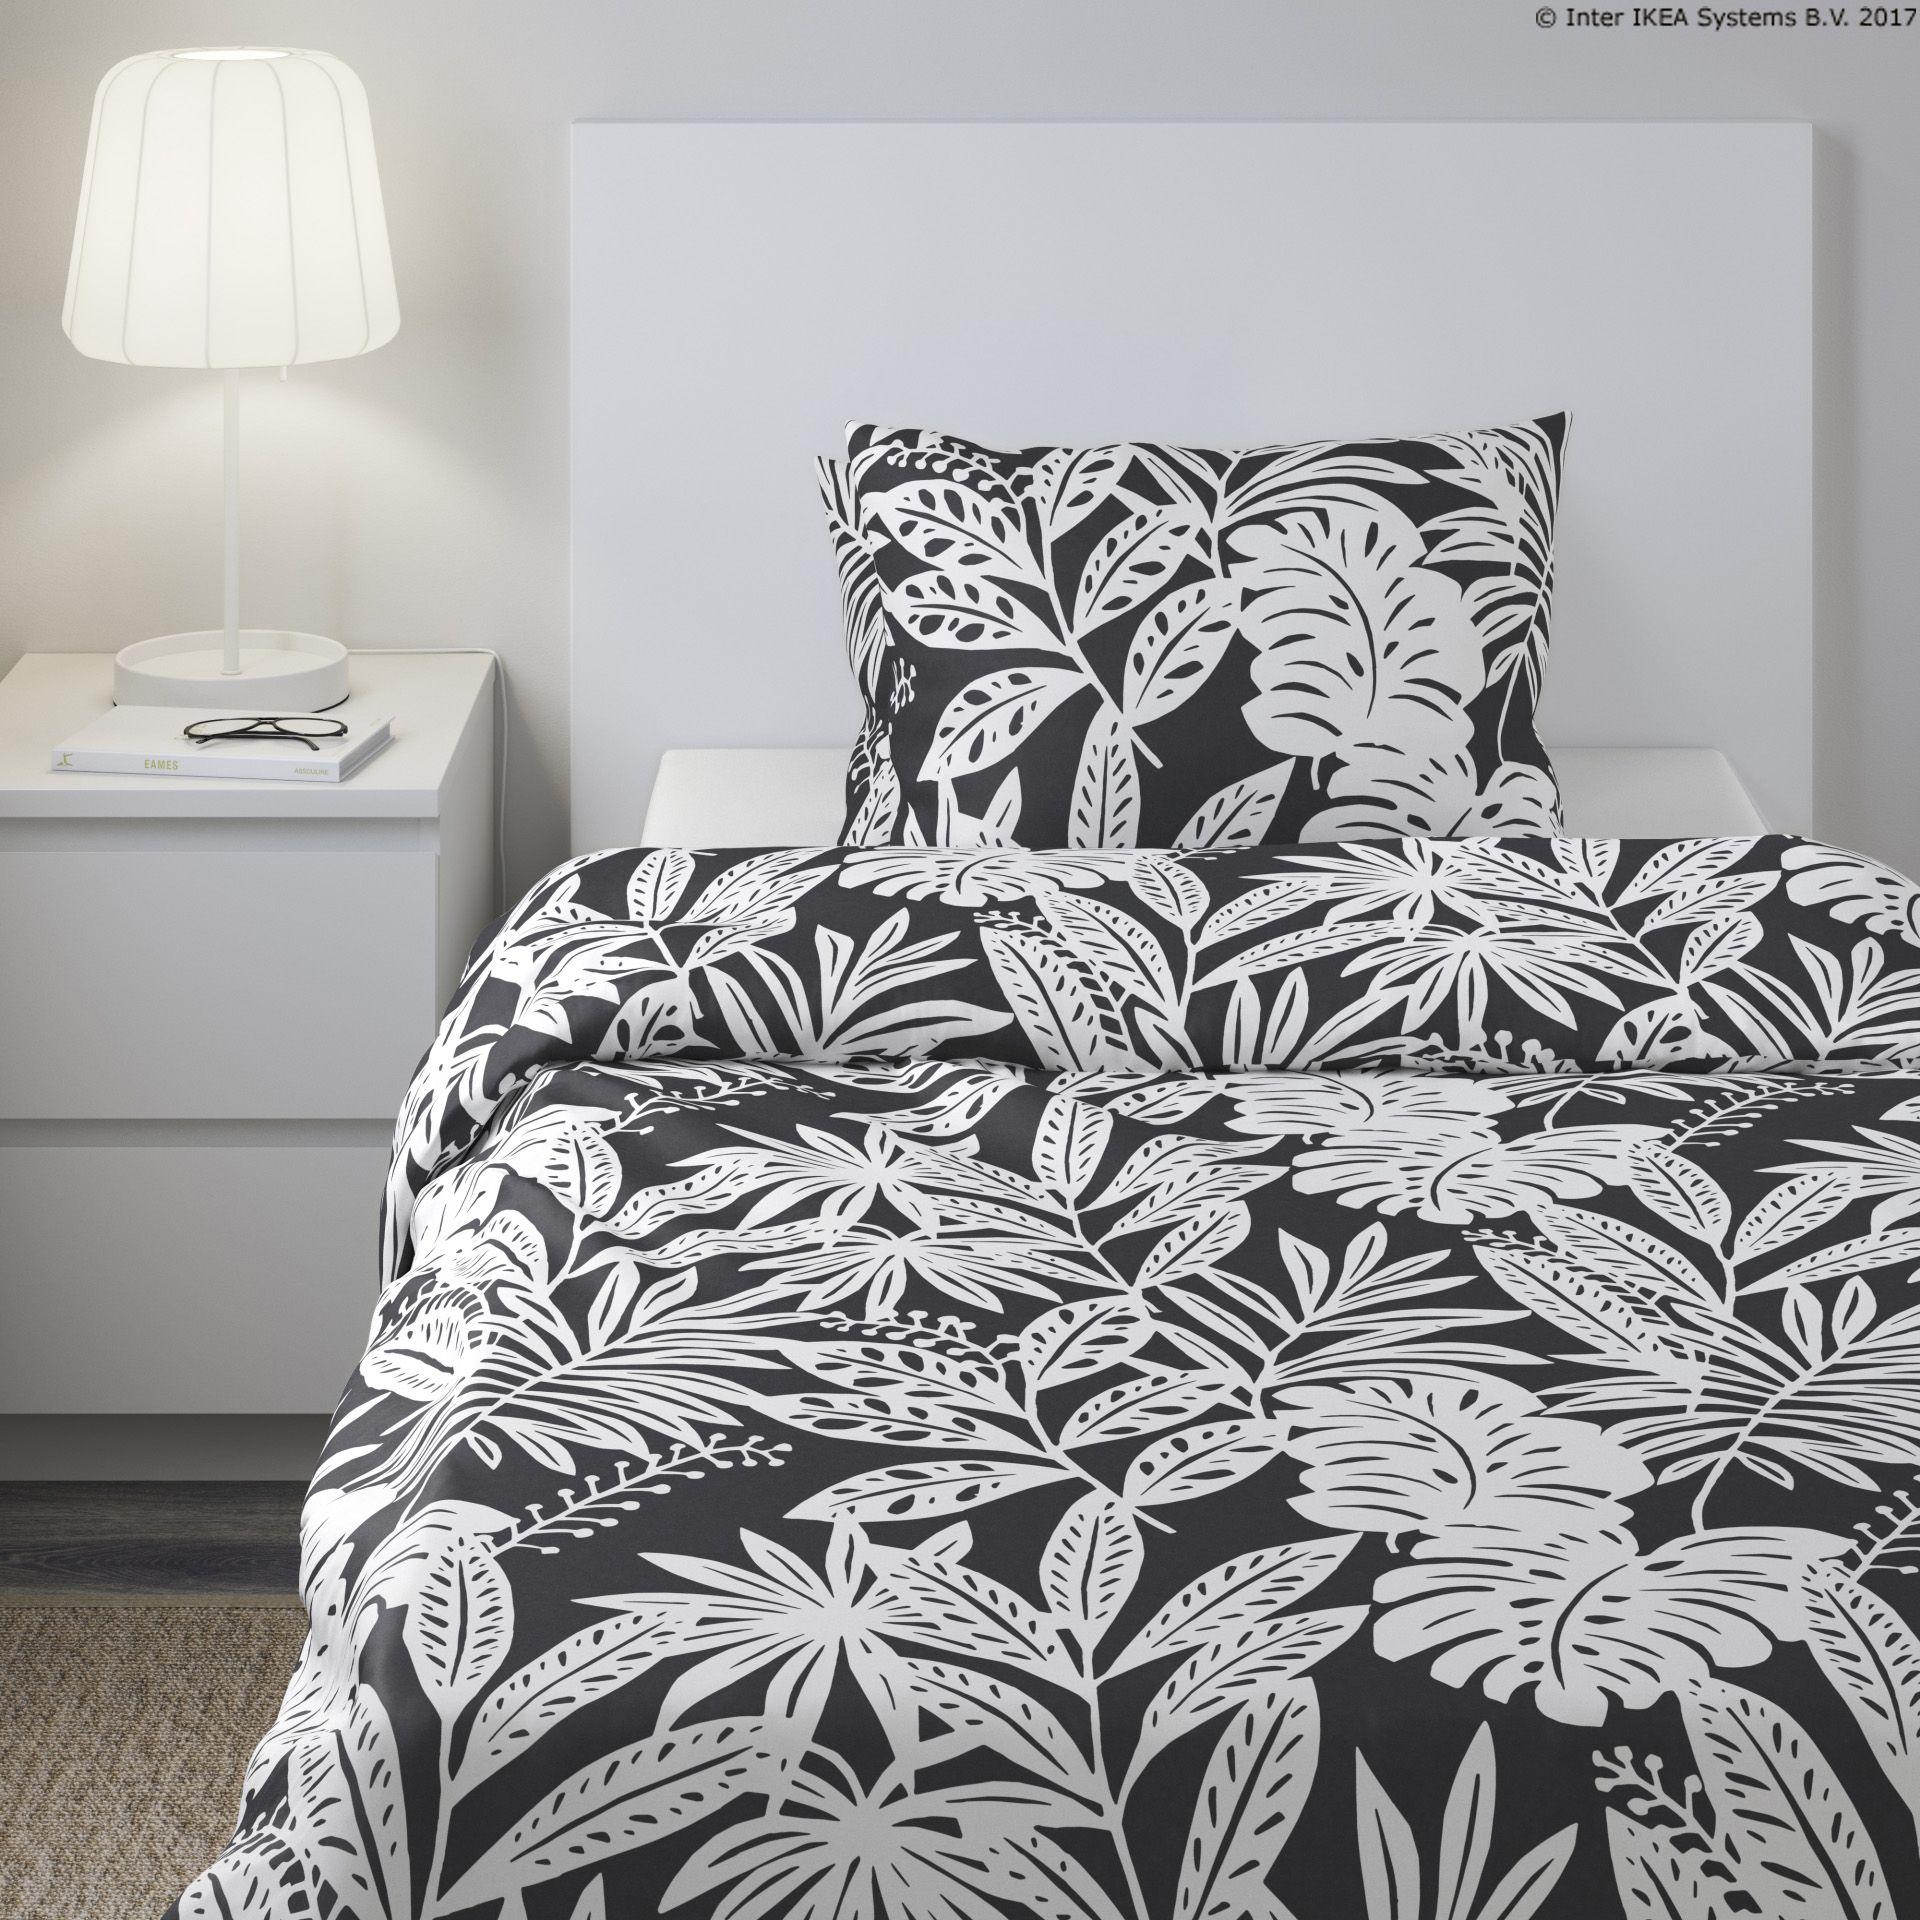 Prozračna i ugodna za kožu FAGERGINST posteljina idealna je za sve spavalice FAGERGINST Cijena 229 00 kn